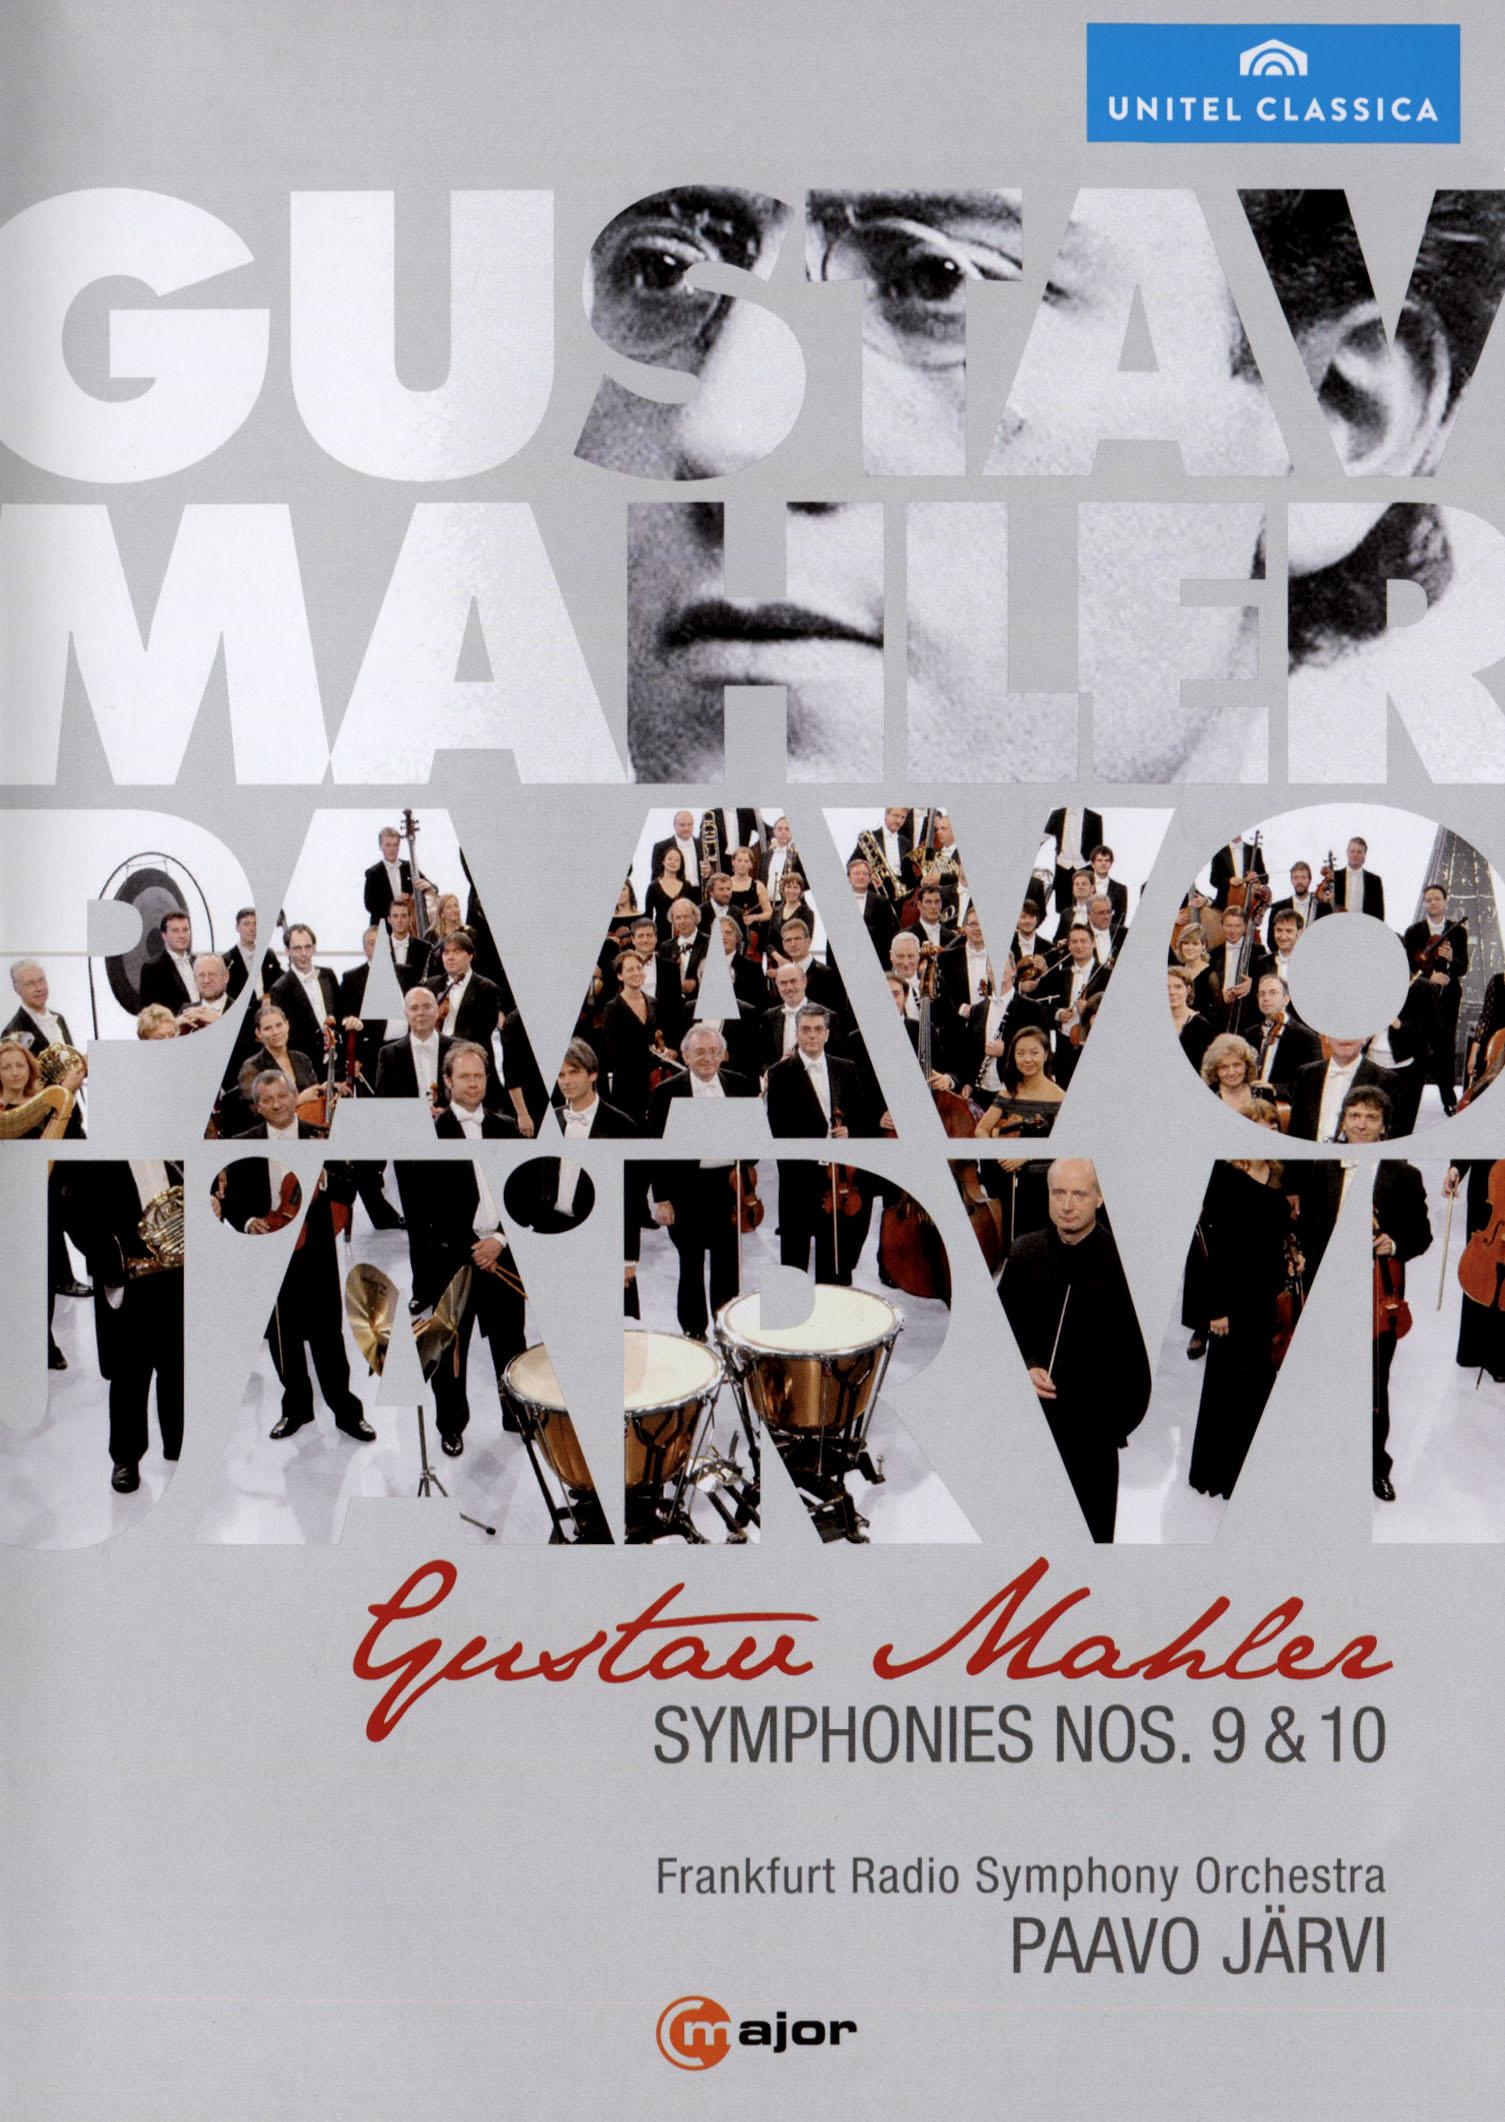 Paavo Järvi: Gustav Mahler - Symphonies Nos. 9 & 10